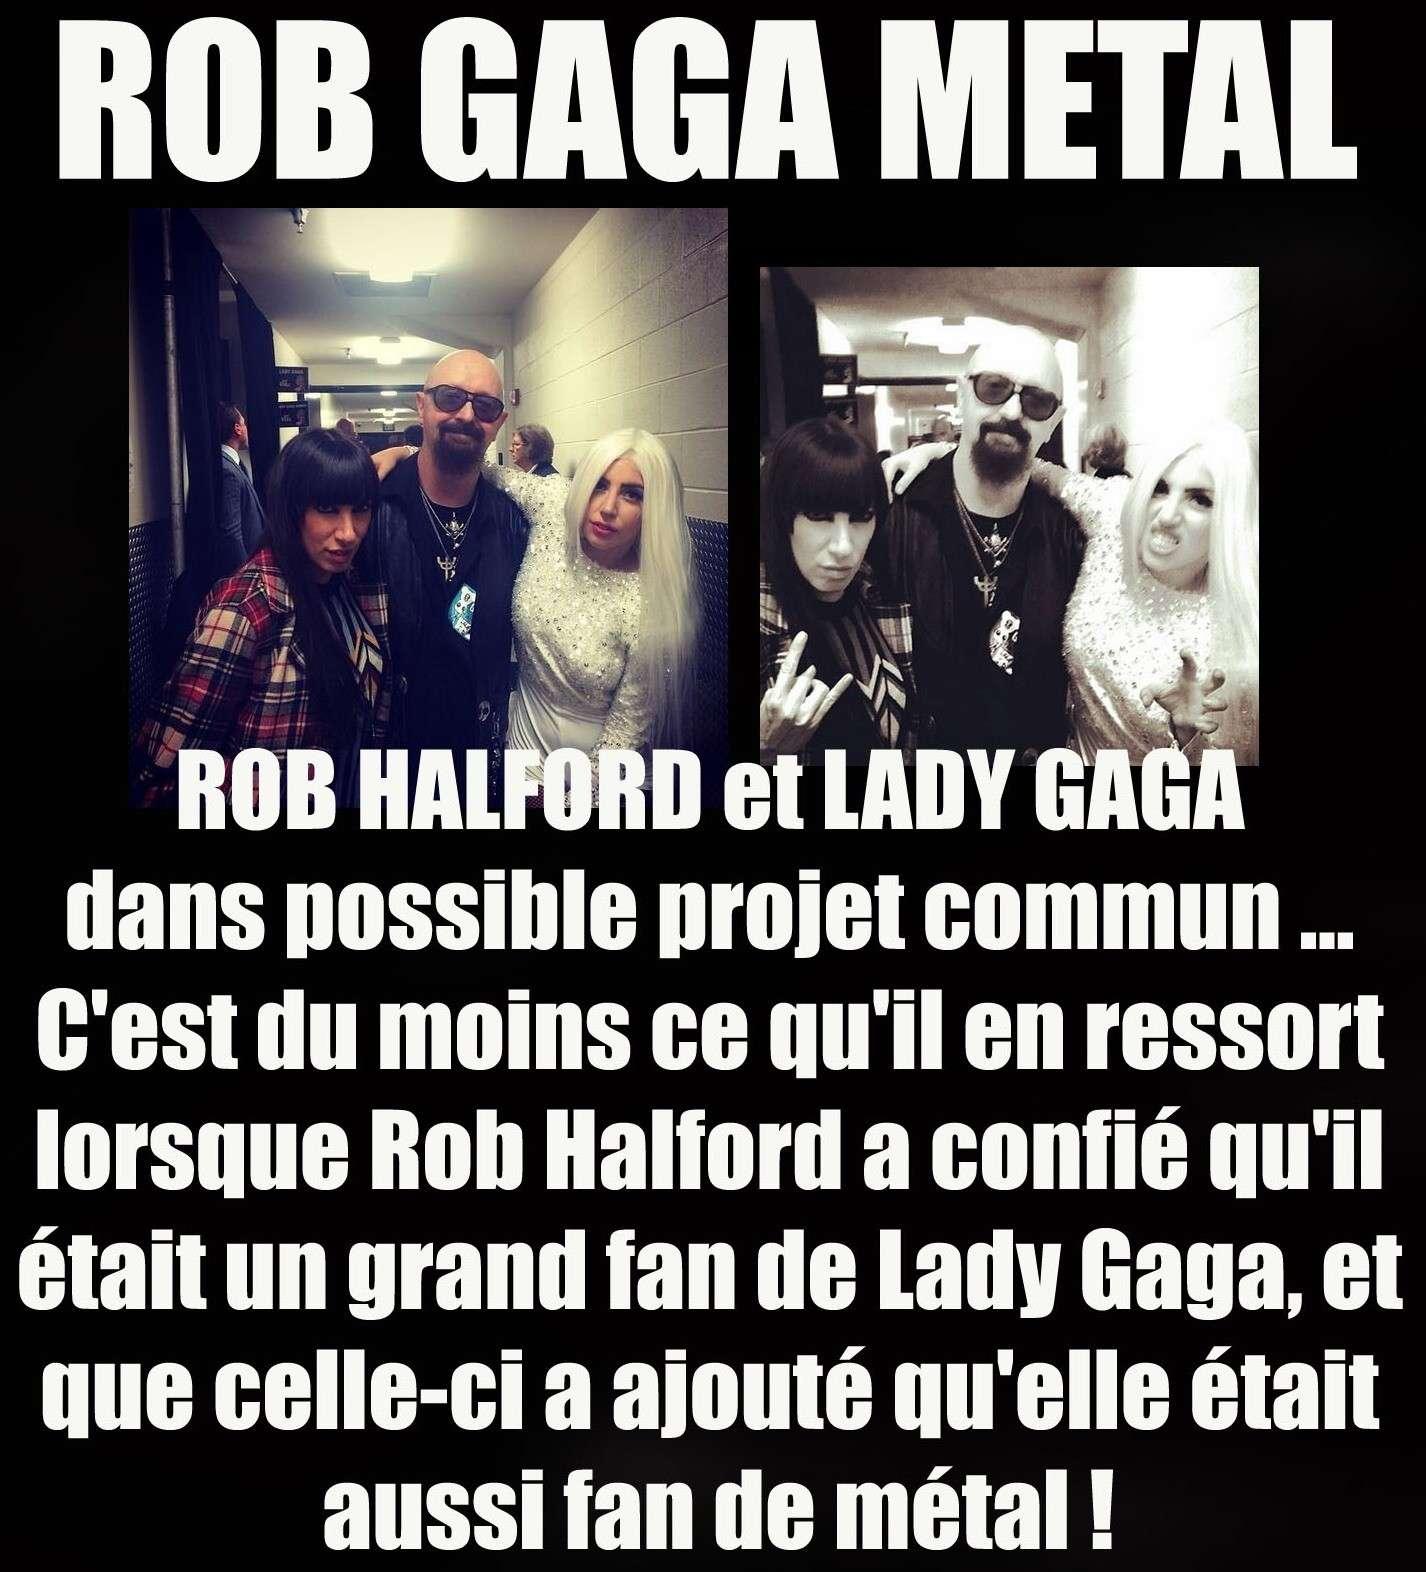 Les NEWS du METAL en VRAC ... - Page 5 Rob_ha11